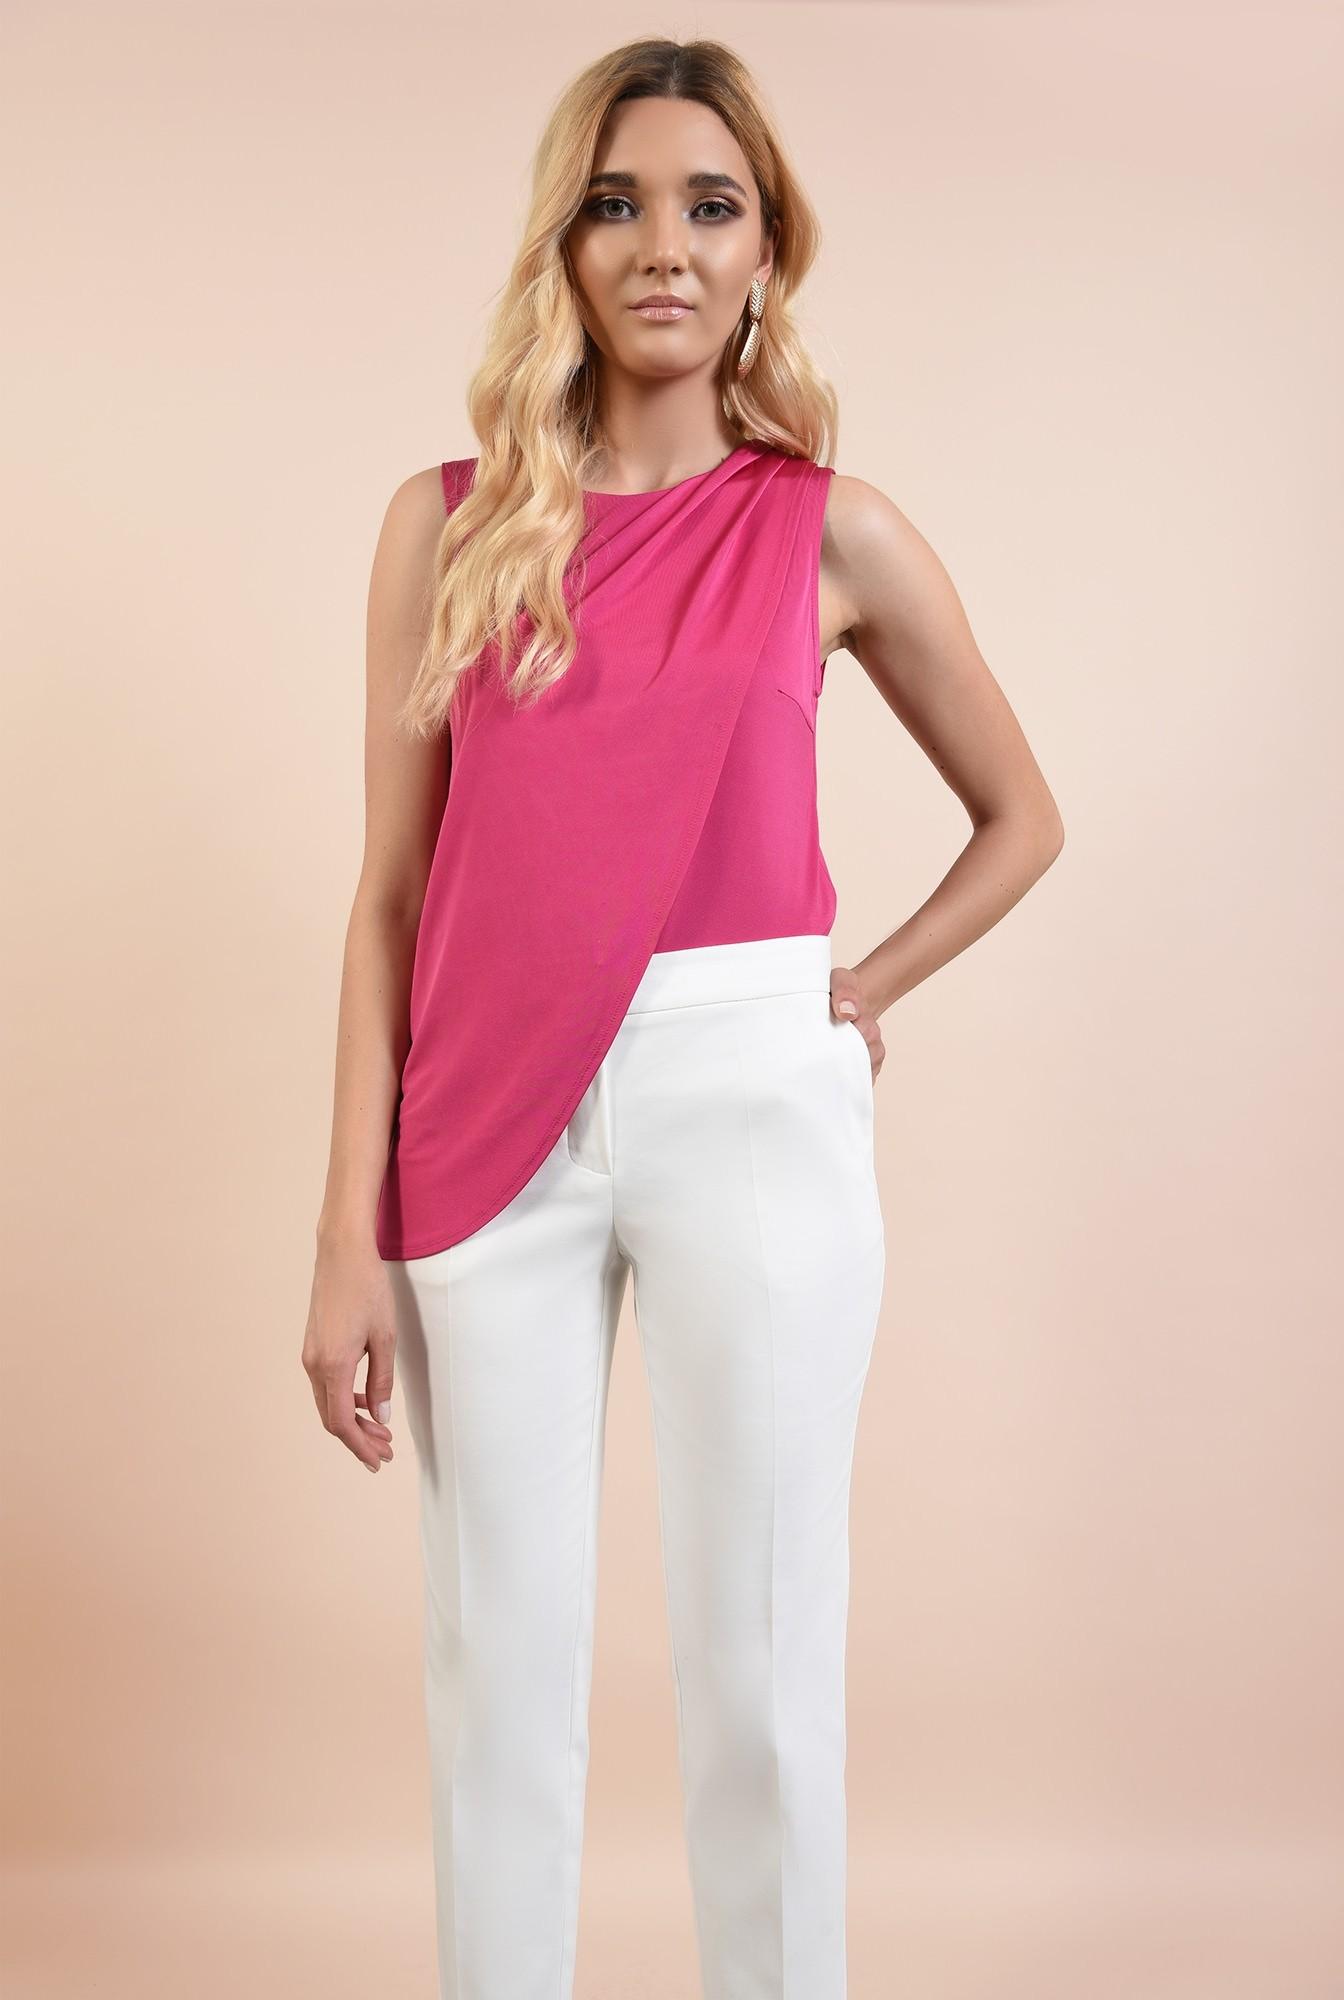 0 - pantaloni dama, pantaloni online, albi, conici, talie cu betelie